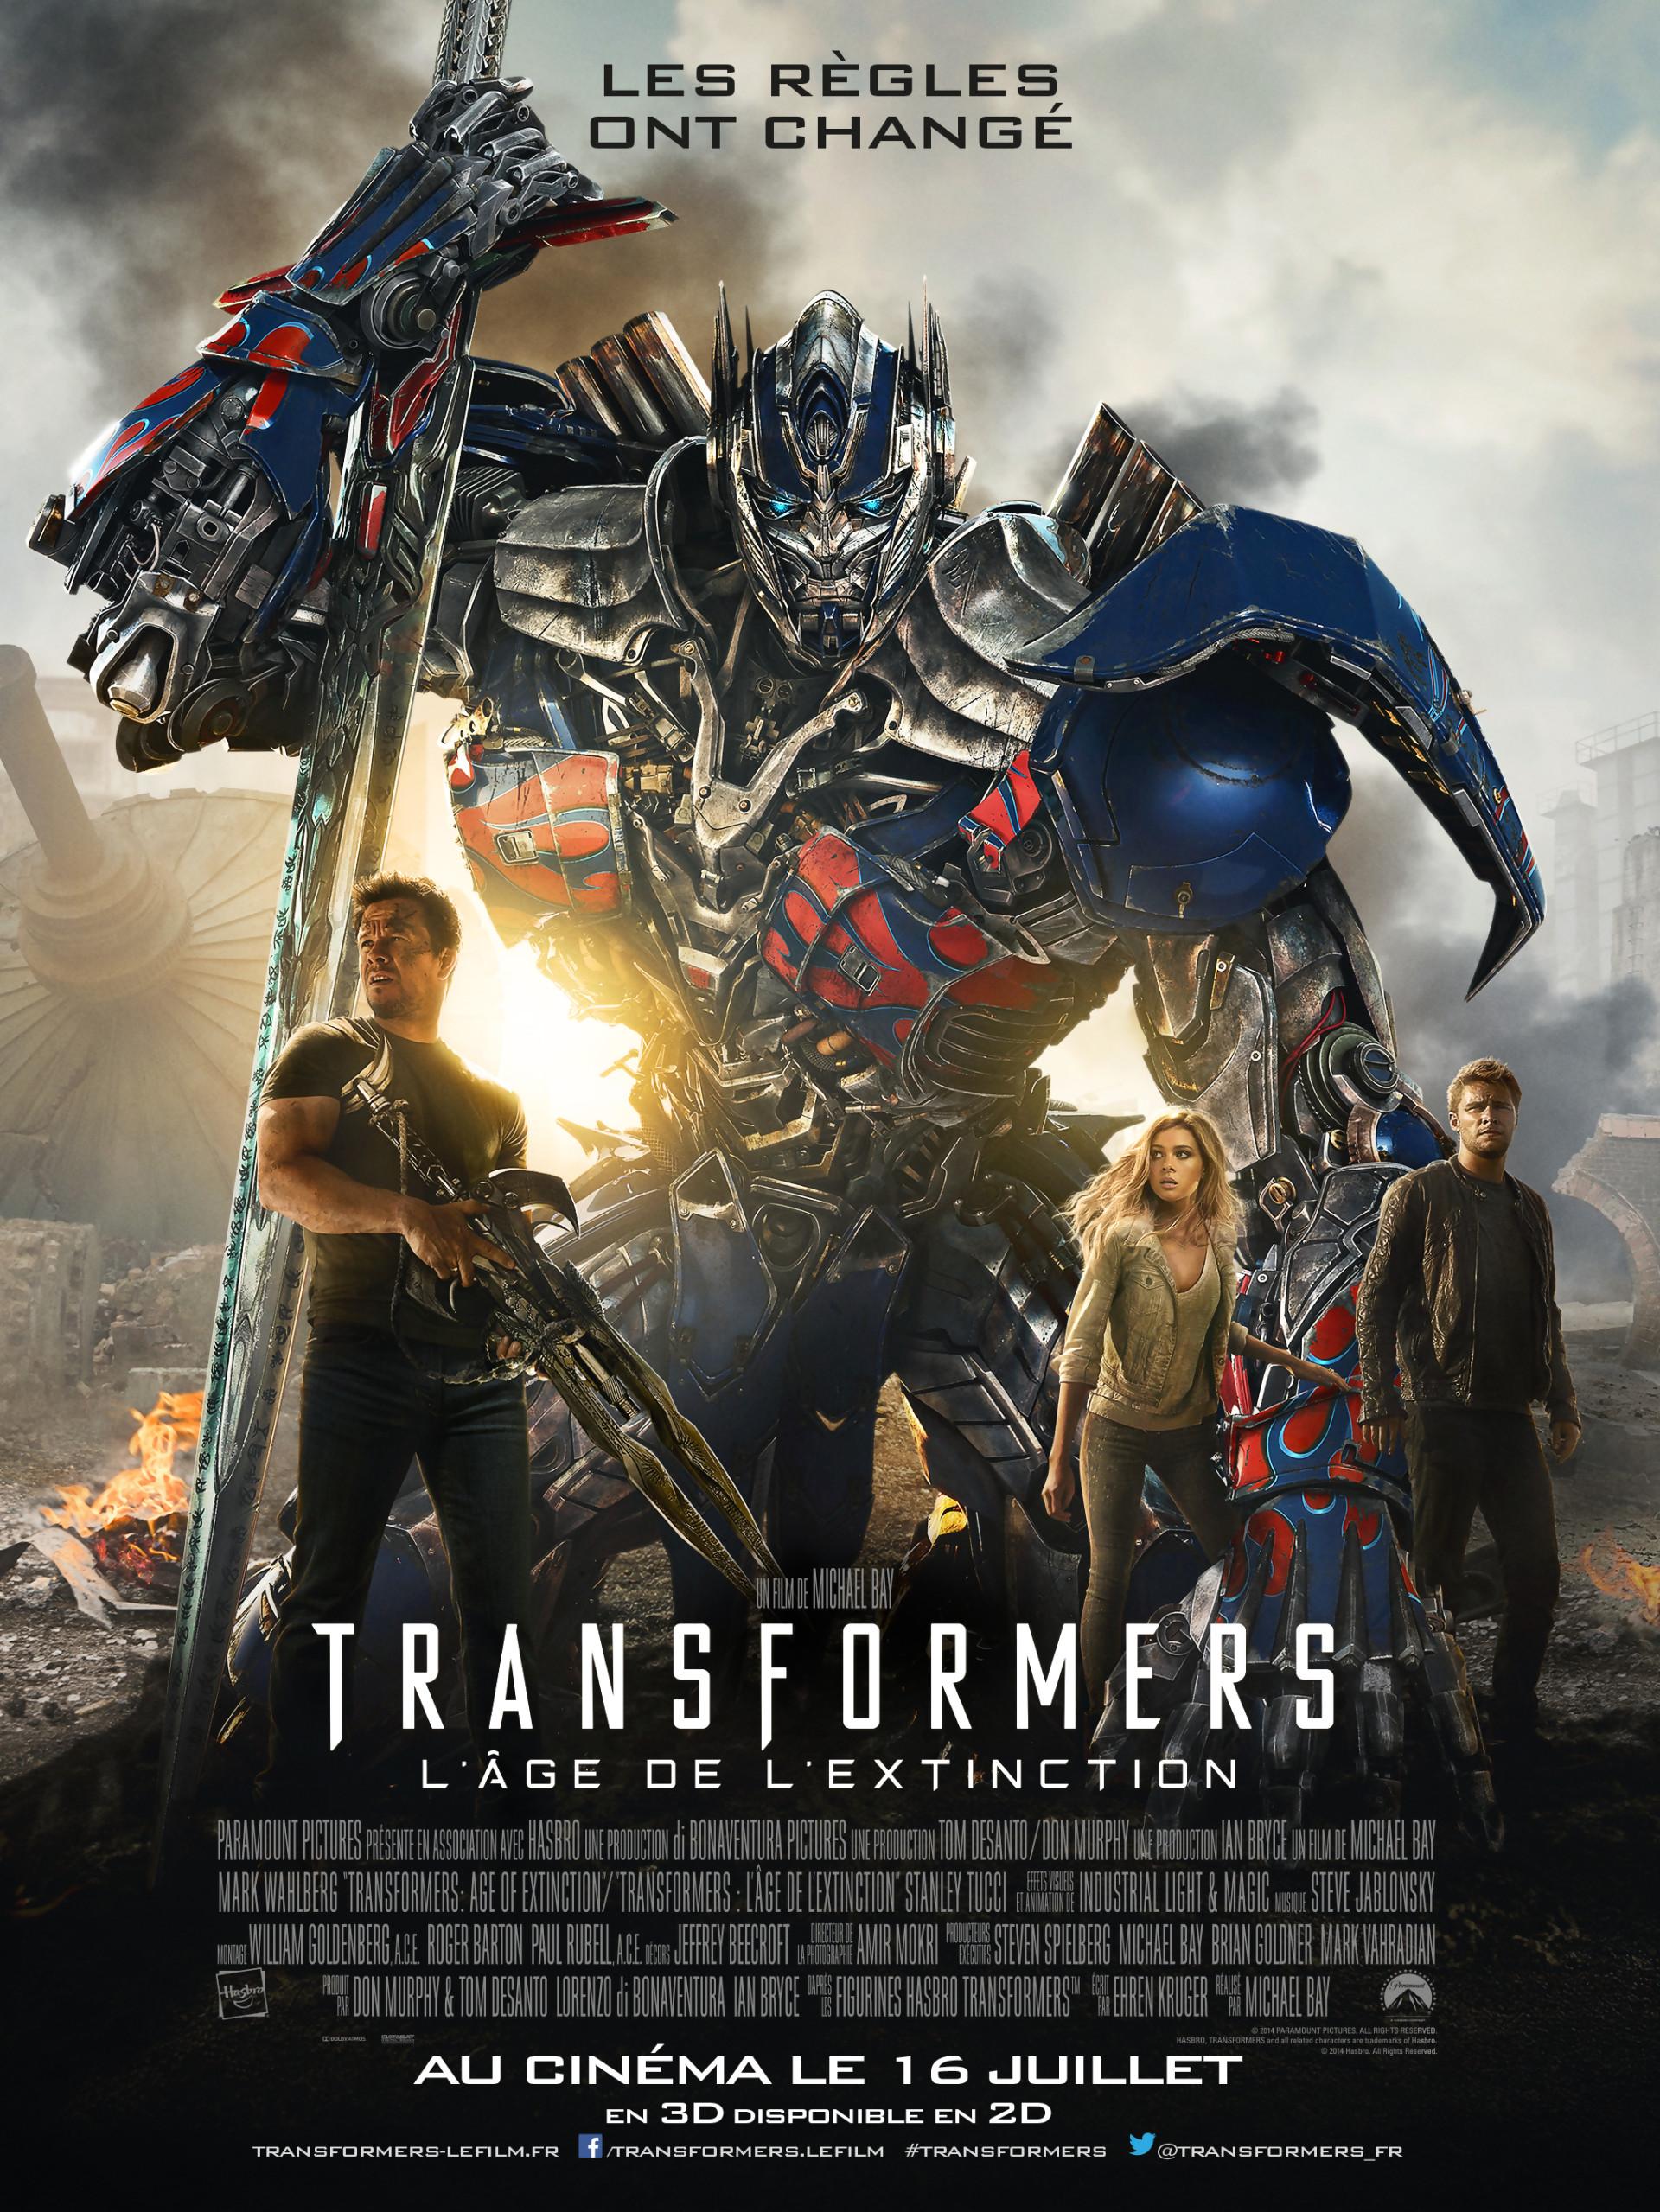 Transformers 4 : l'Age de l'Extinction [HDTS][English]